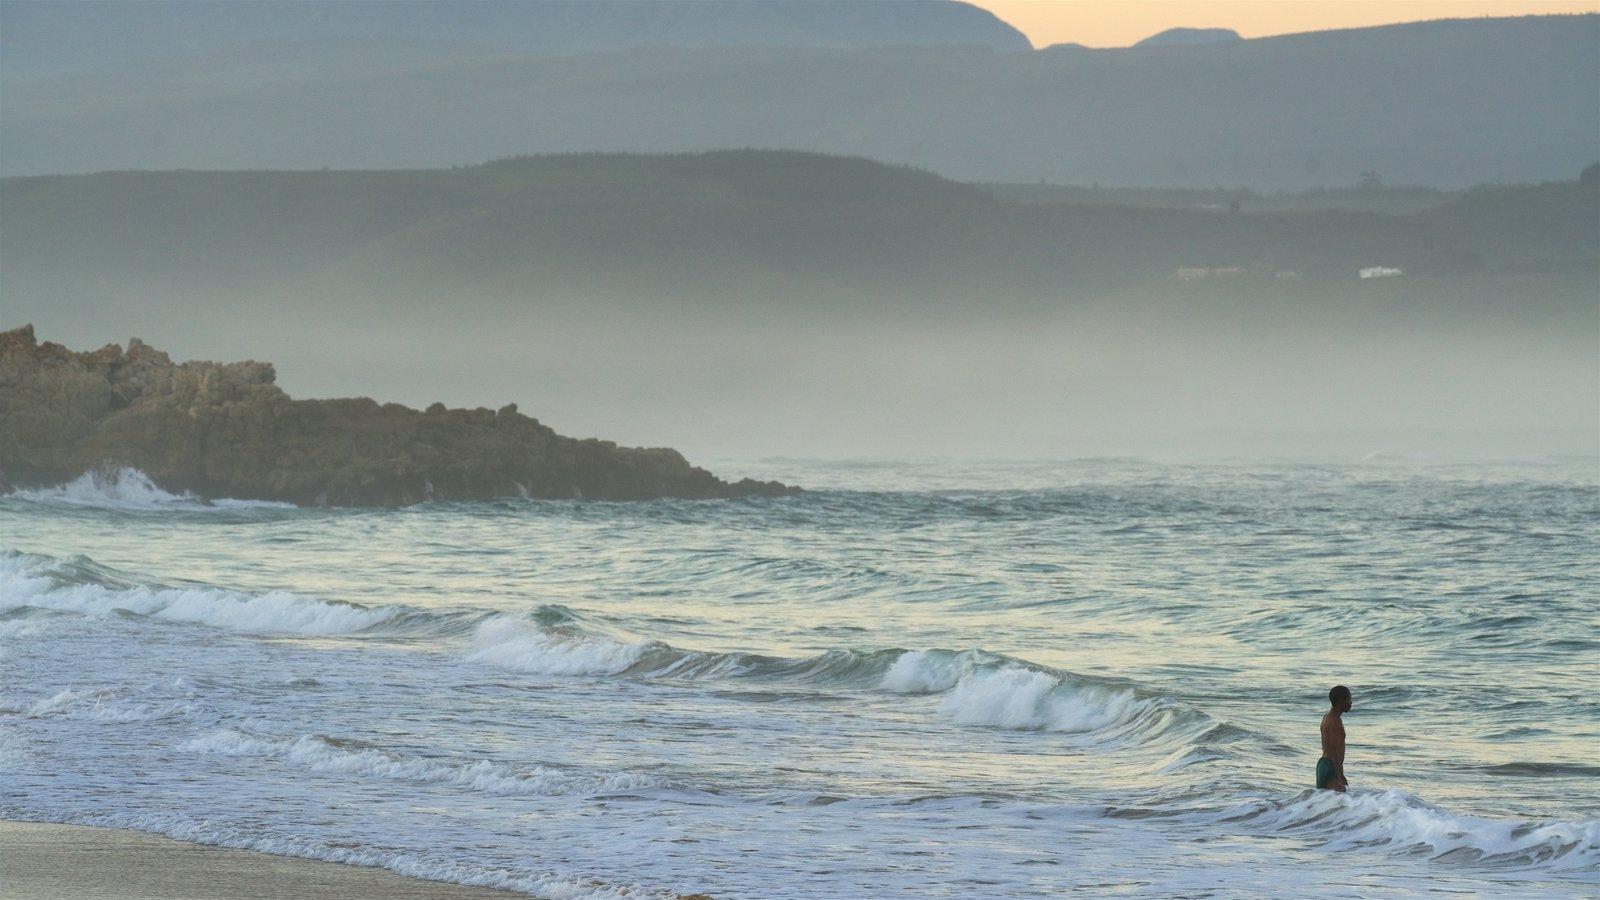 Playa de Plettenberg Bay mostrando neblina o niebla, surf y costa rocosa